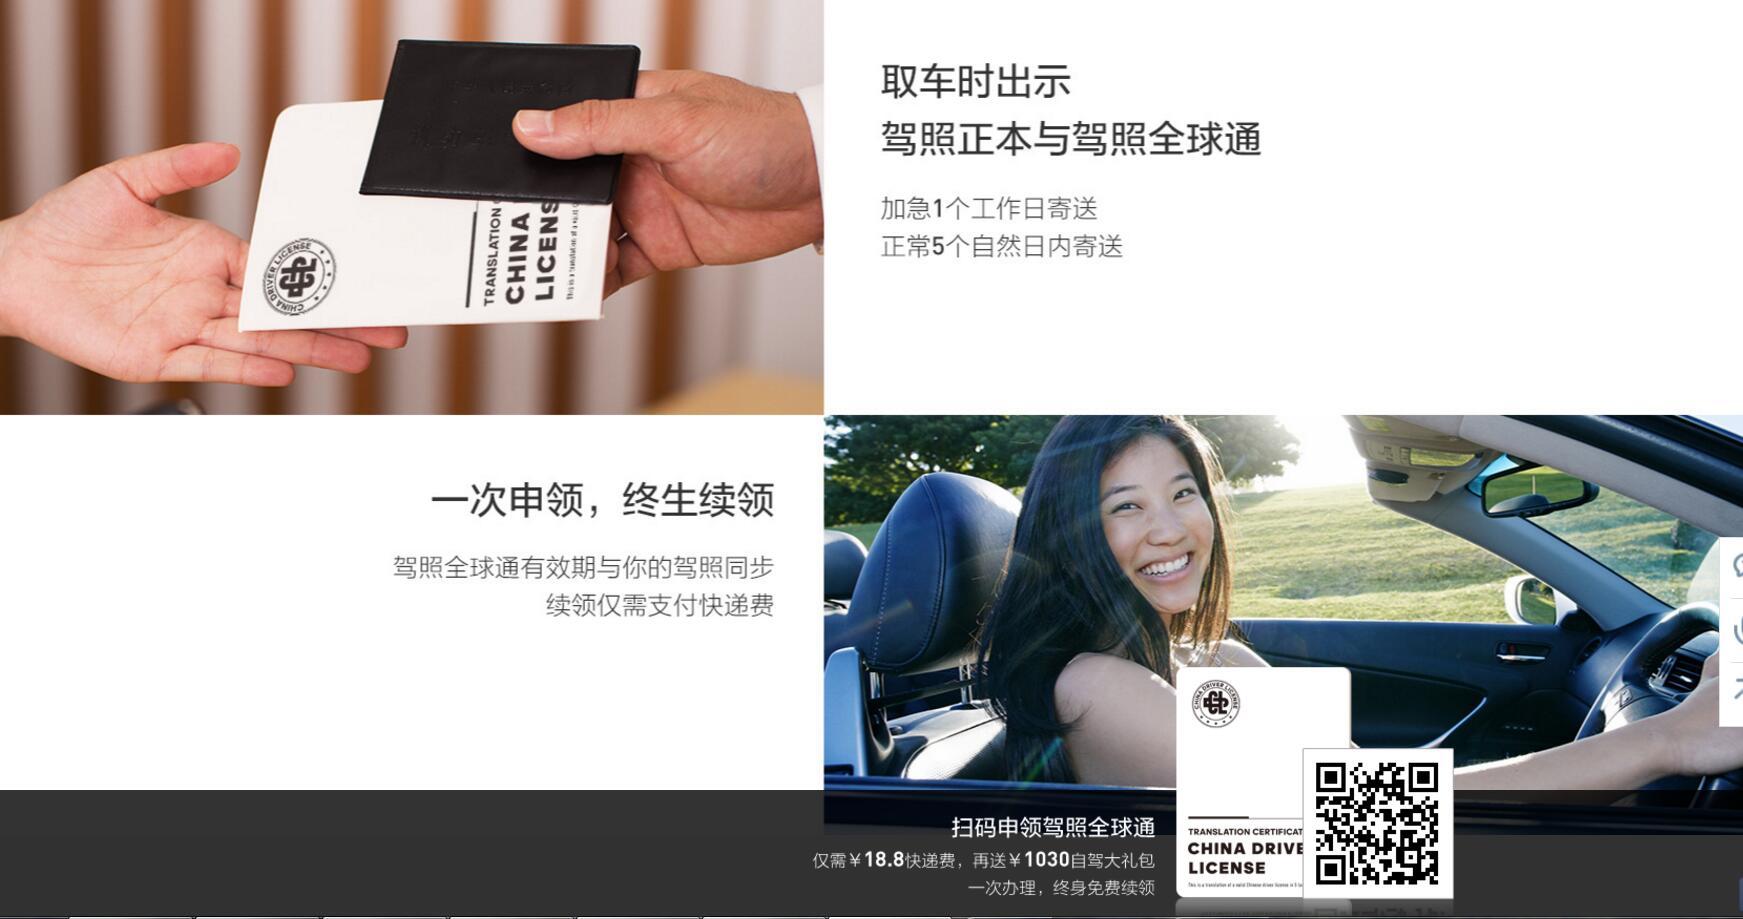 惠租车驾照翻译办理1.jpg